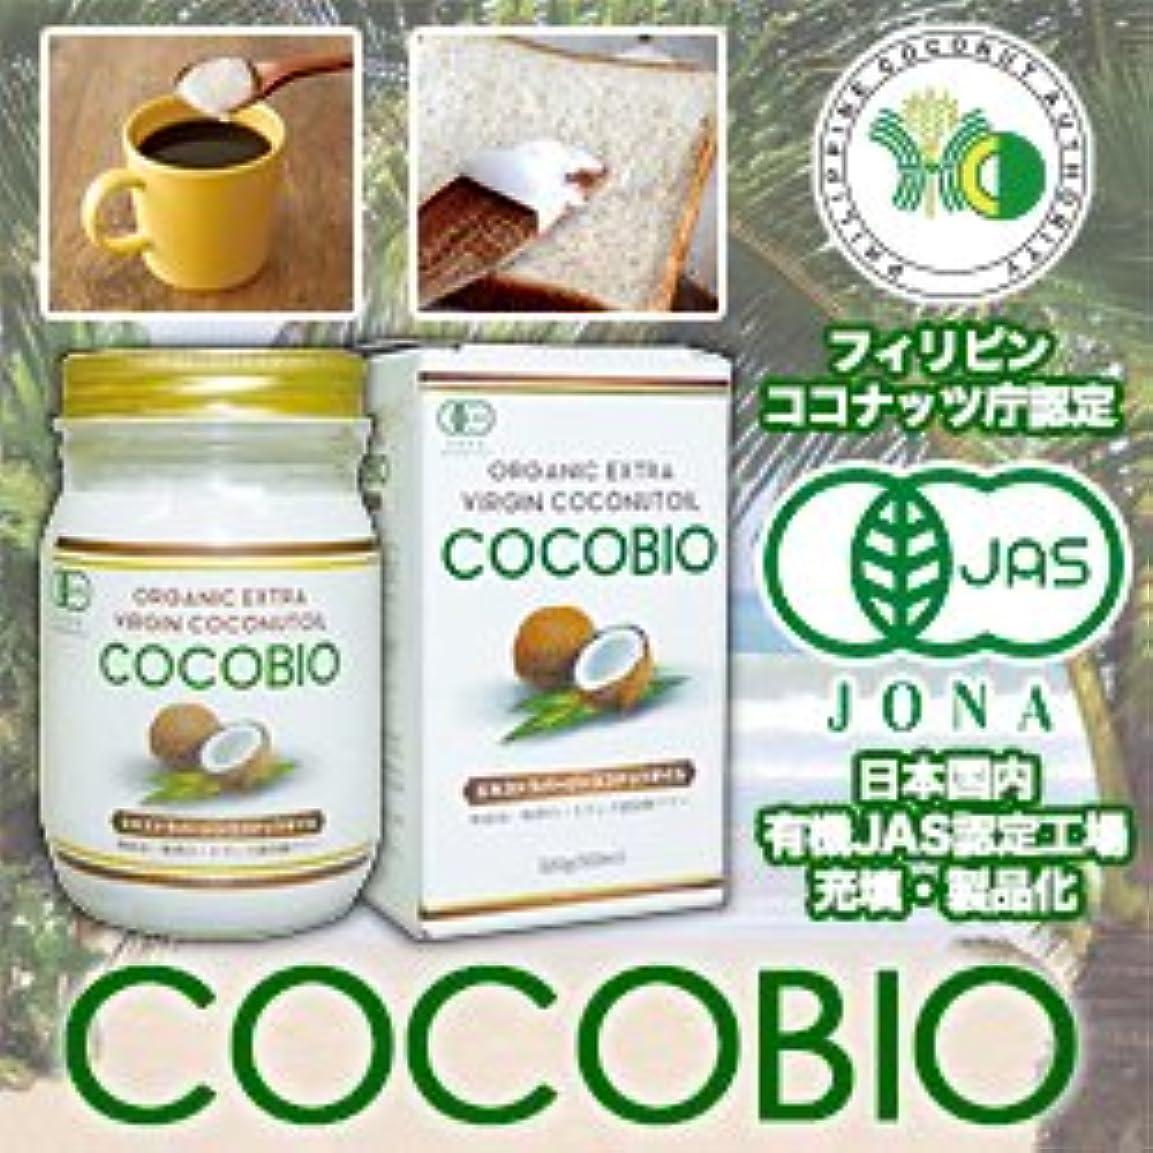 殺人分岐する呼び起こす【特殊栄養食品研究所】【有機ココナッツオイル】 ココビオ(COCOBIO) 320g [350ml] ×20個セット